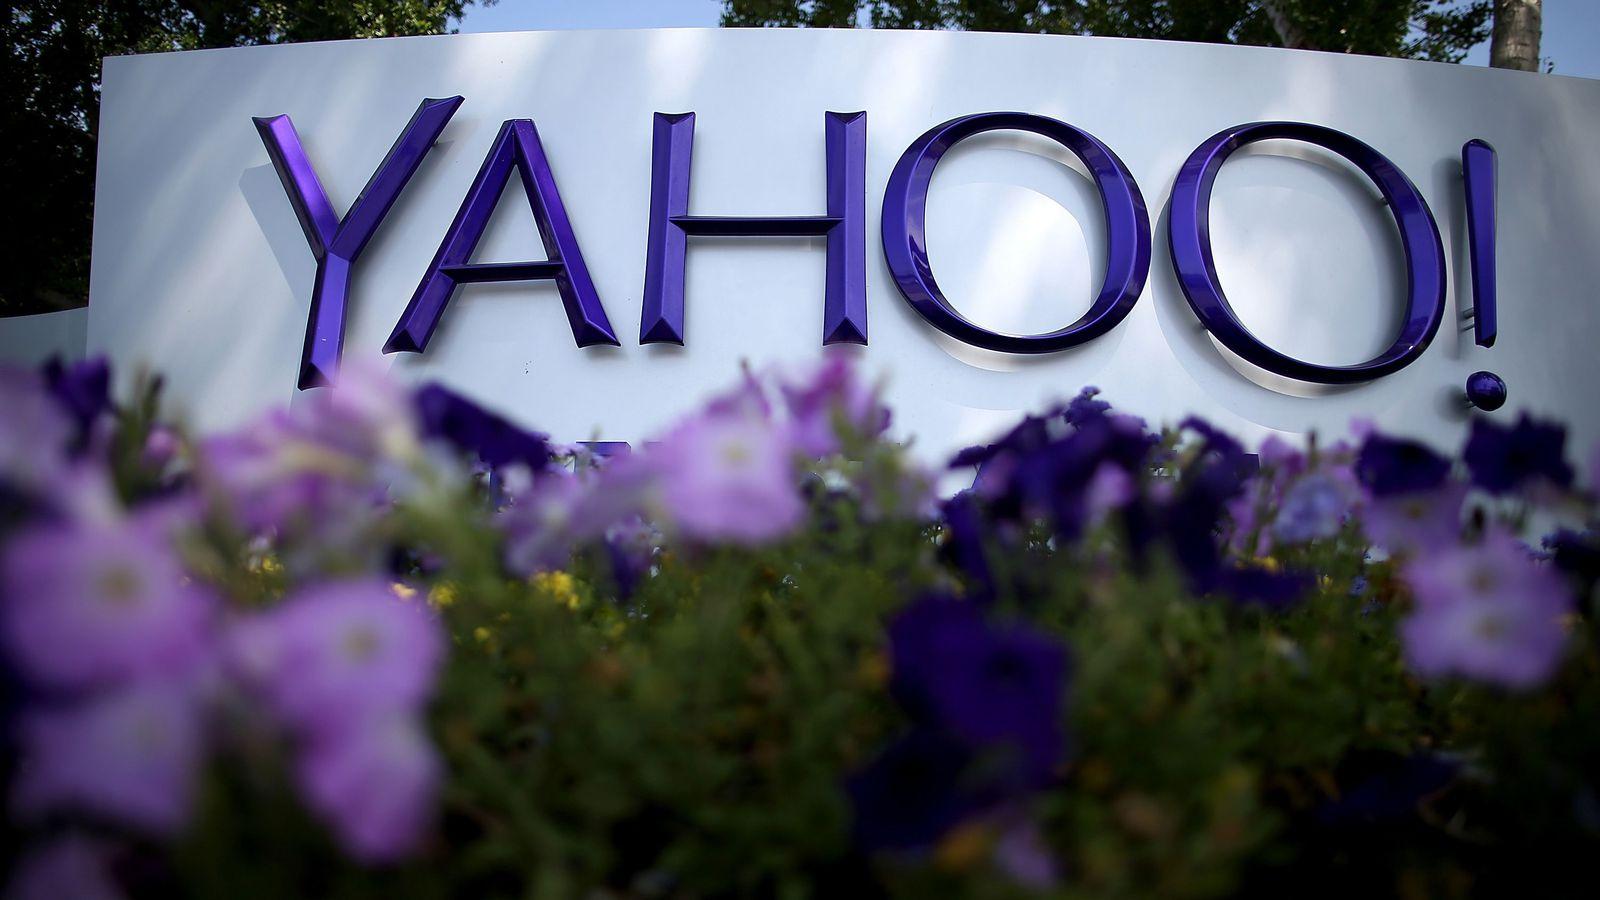 Los datos se pusieron en venta en la Deep web. Lo increíble es que apenas a principios de este año, Yahoo confirmó la noticia a sus usuarios de haber perdido la información de más de medio millón de cuentas.